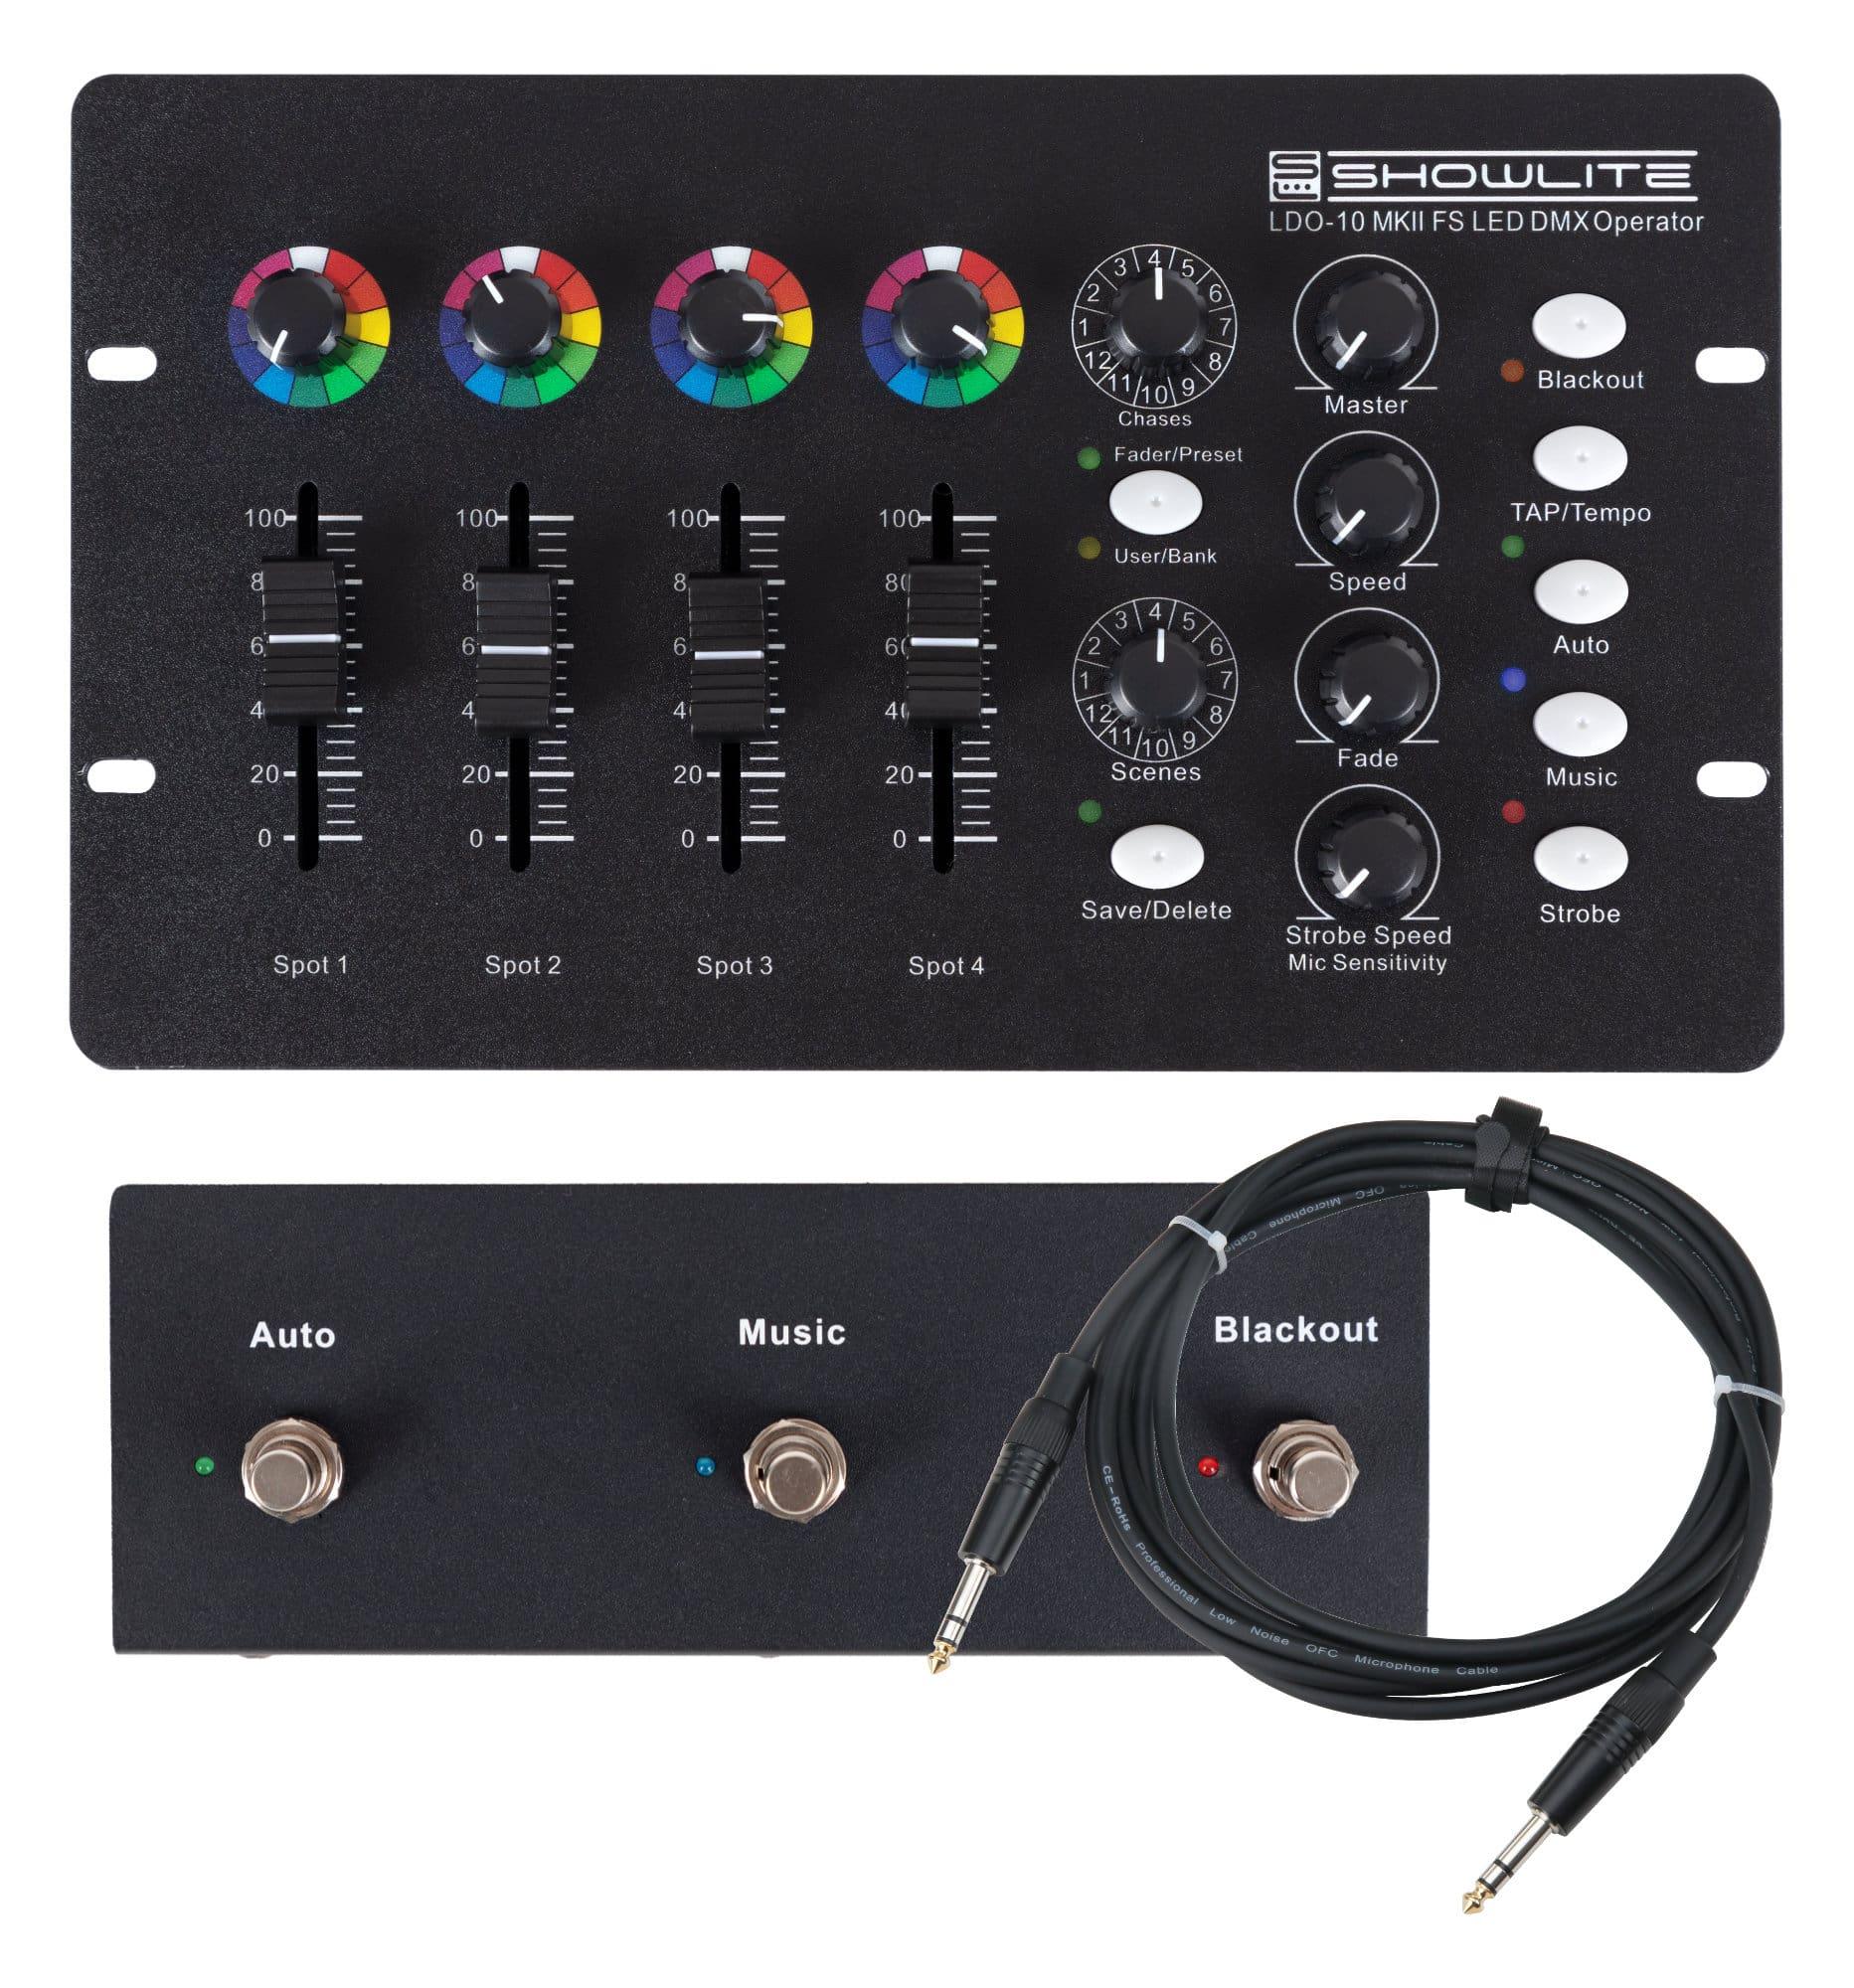 Lichtsteuerung - Showlite LDO 10 MKII FS LED DMX Operator Footswitch Set - Onlineshop Musikhaus Kirstein